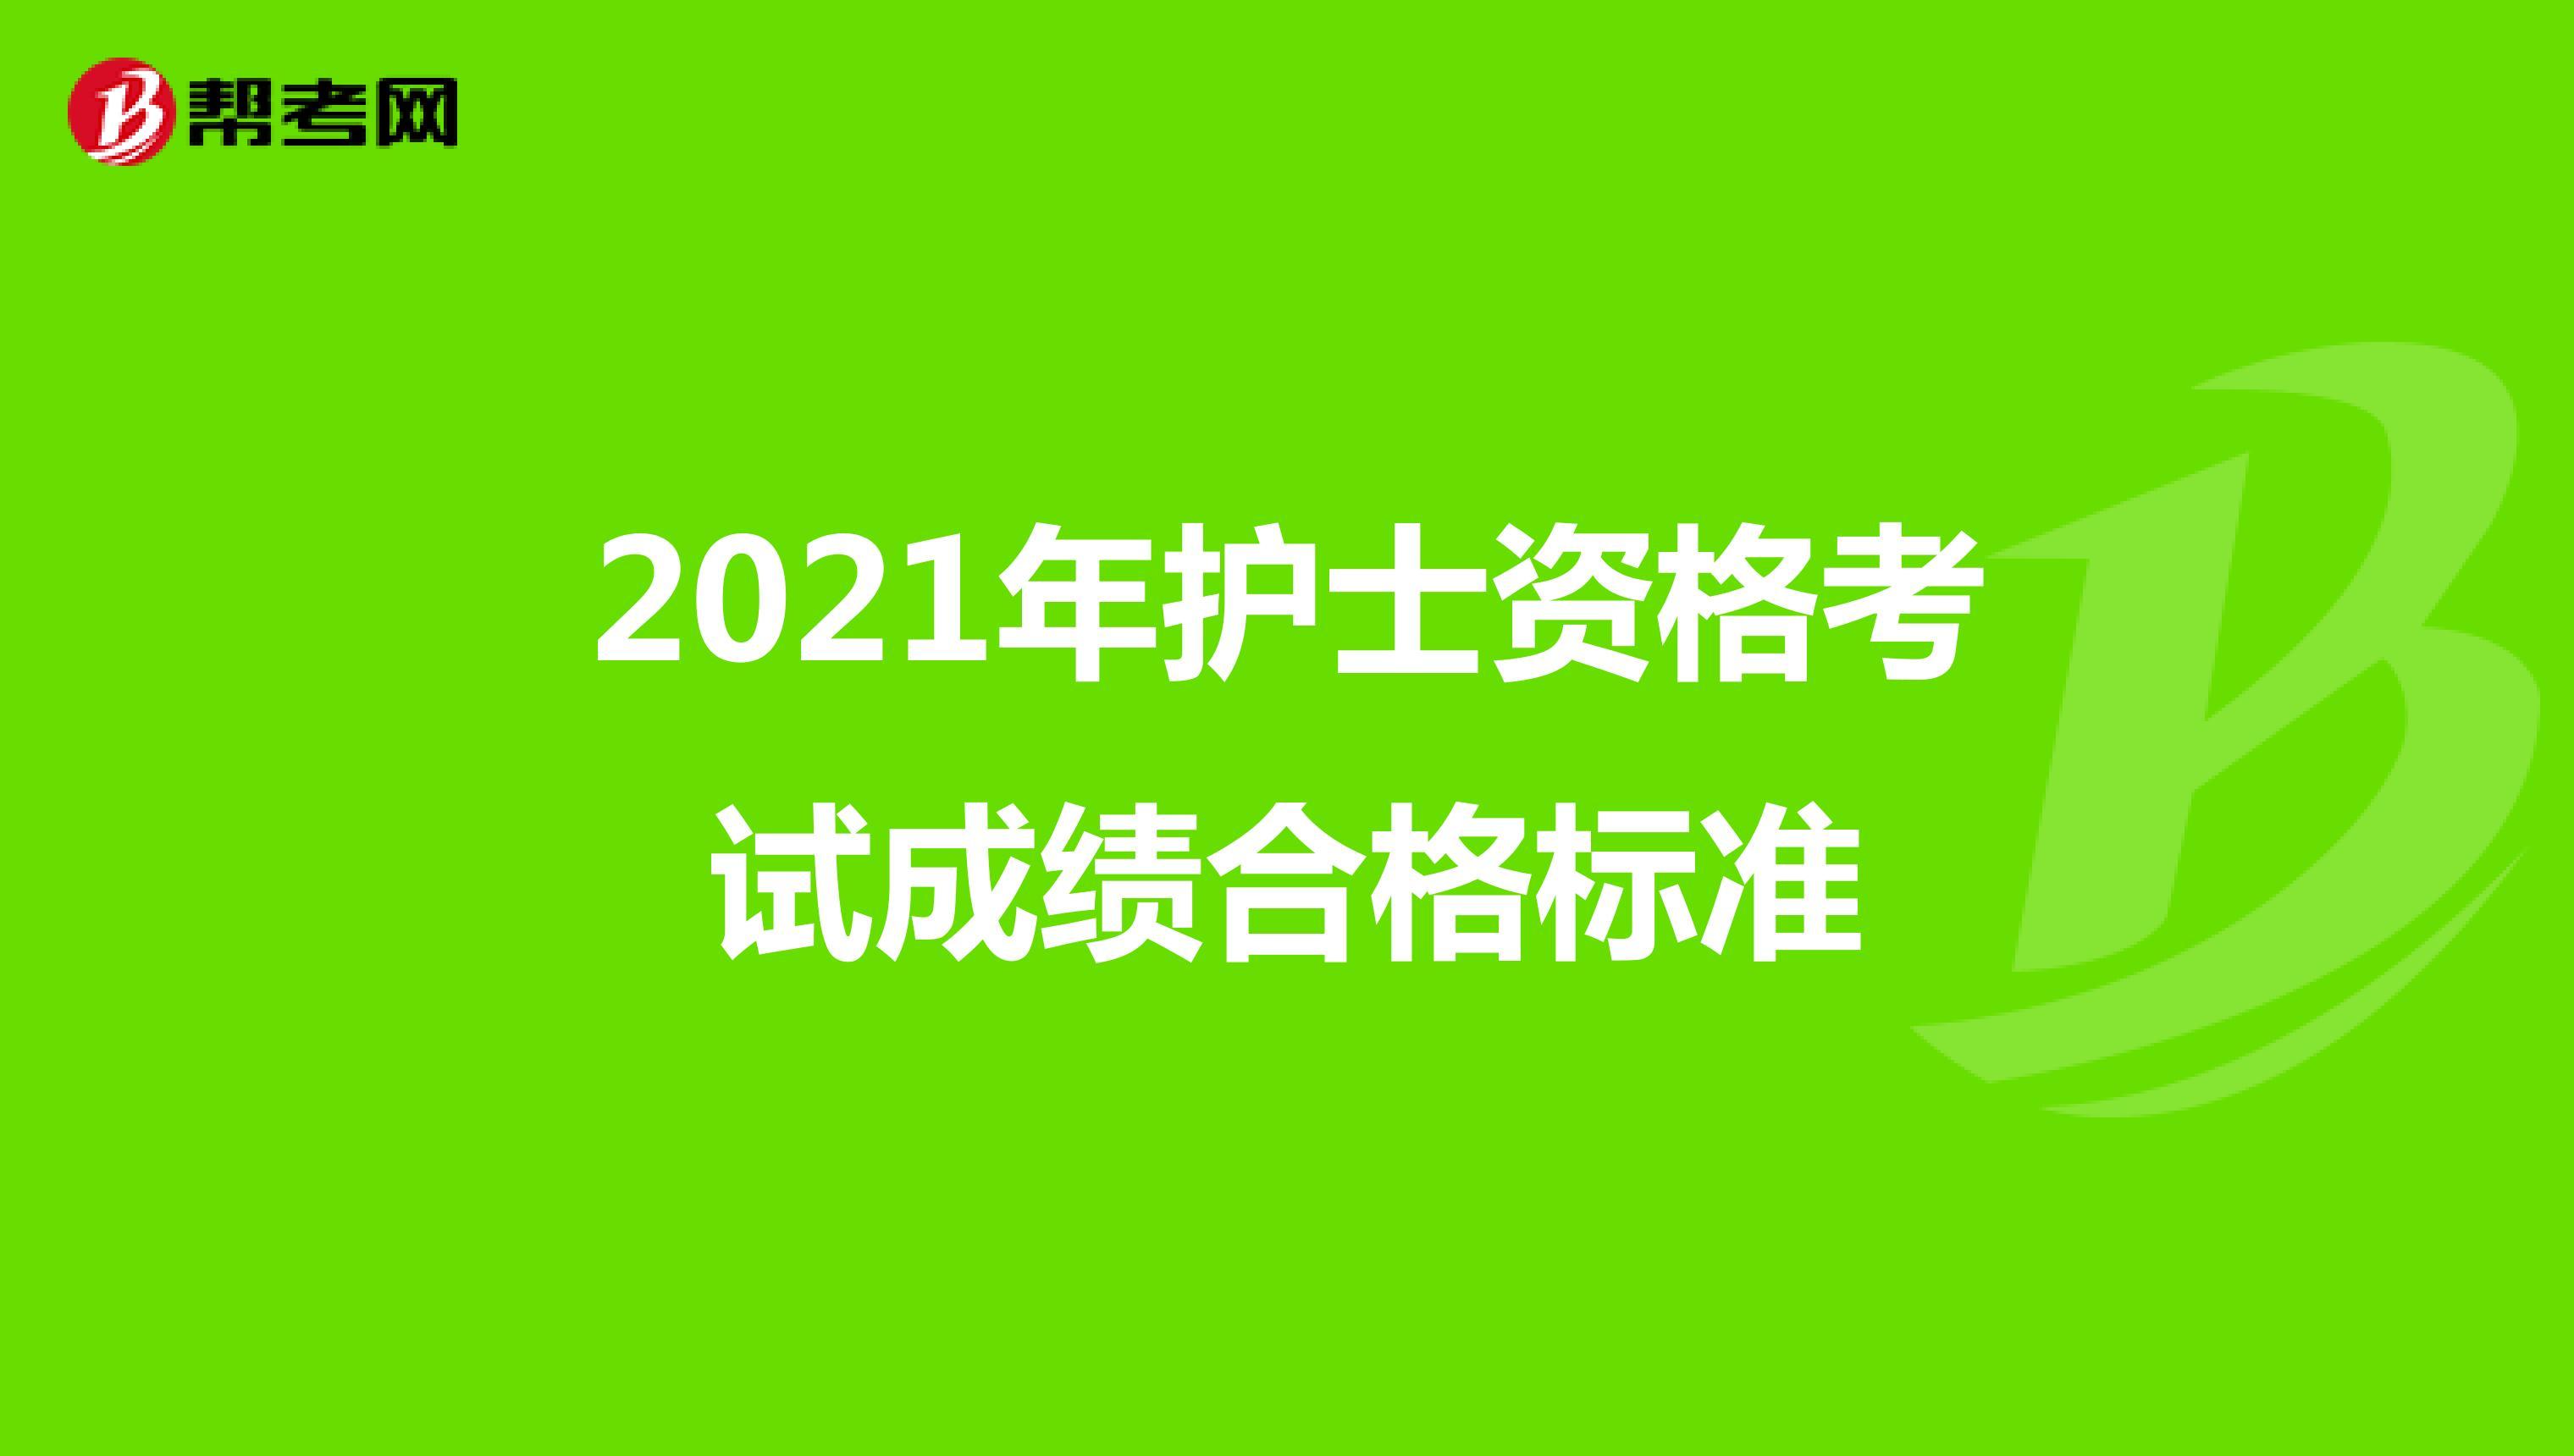 2021年护士资格考试成绩合格标准